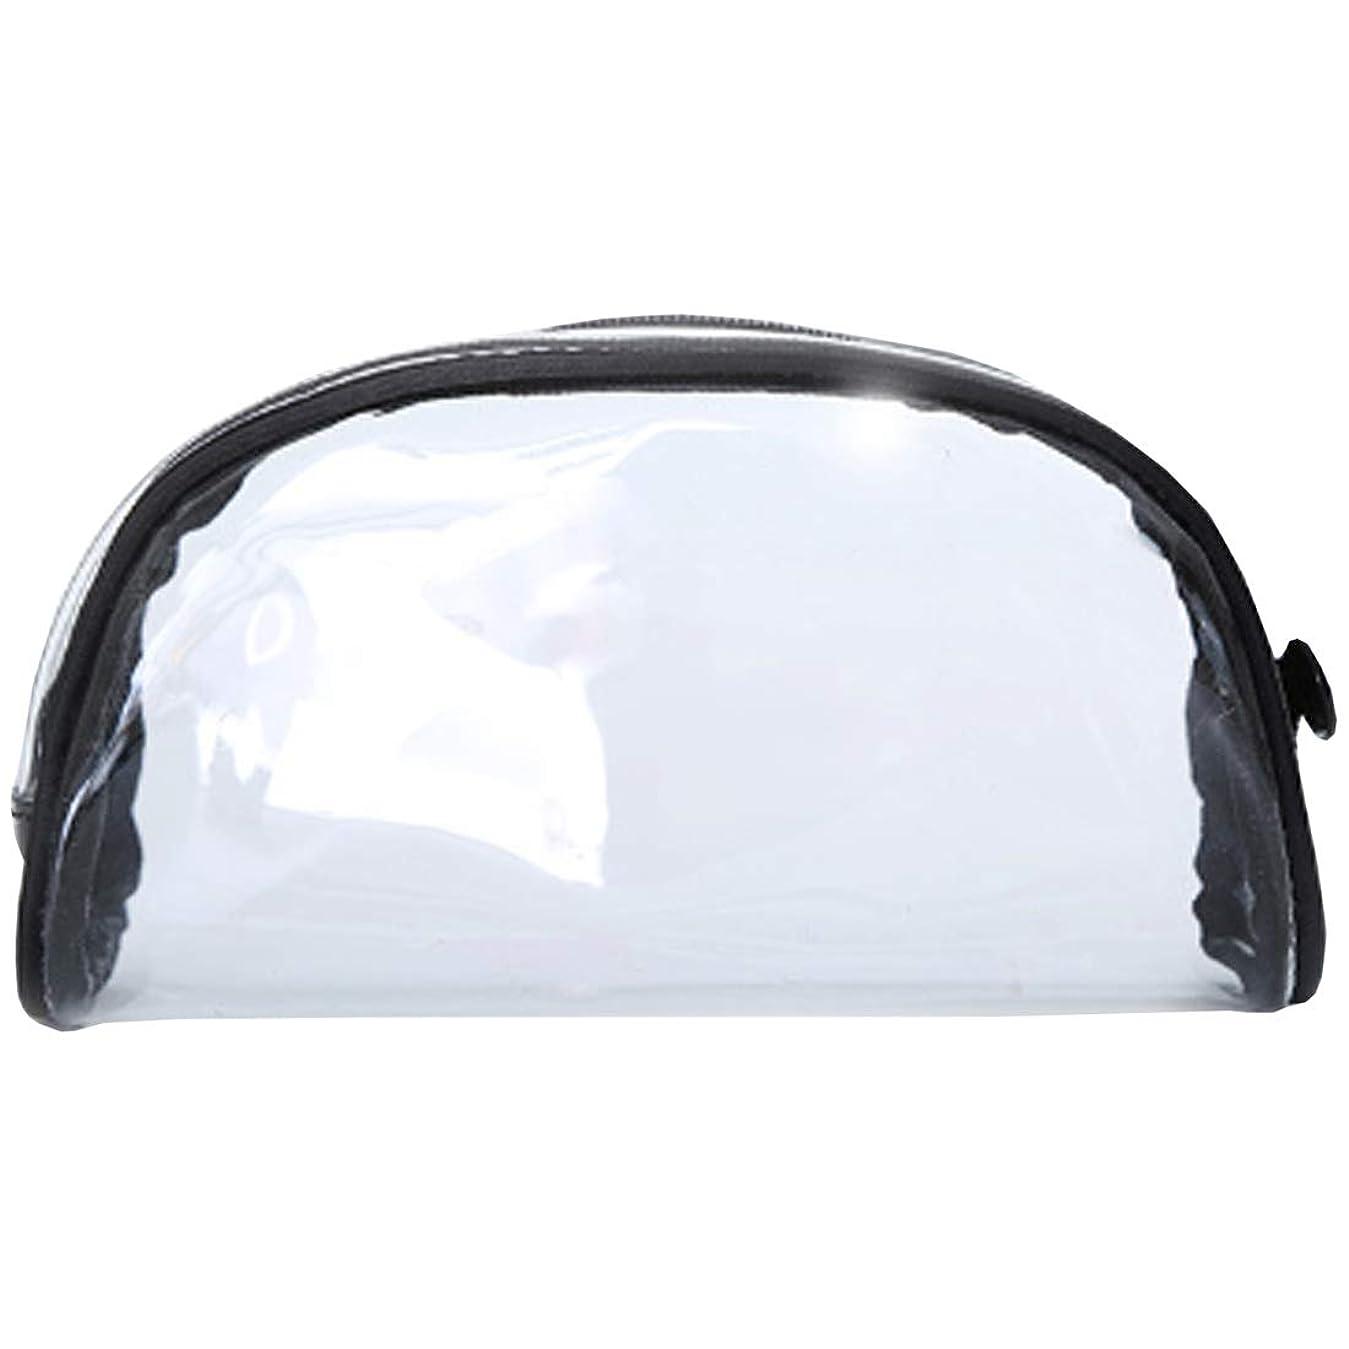 嘆く砂ジム化粧ポーチ クリアポーチ 透明ポーチ クリアボックス ビニールポーチ PVC 化粧品収納 小物入れ 防水 (S)